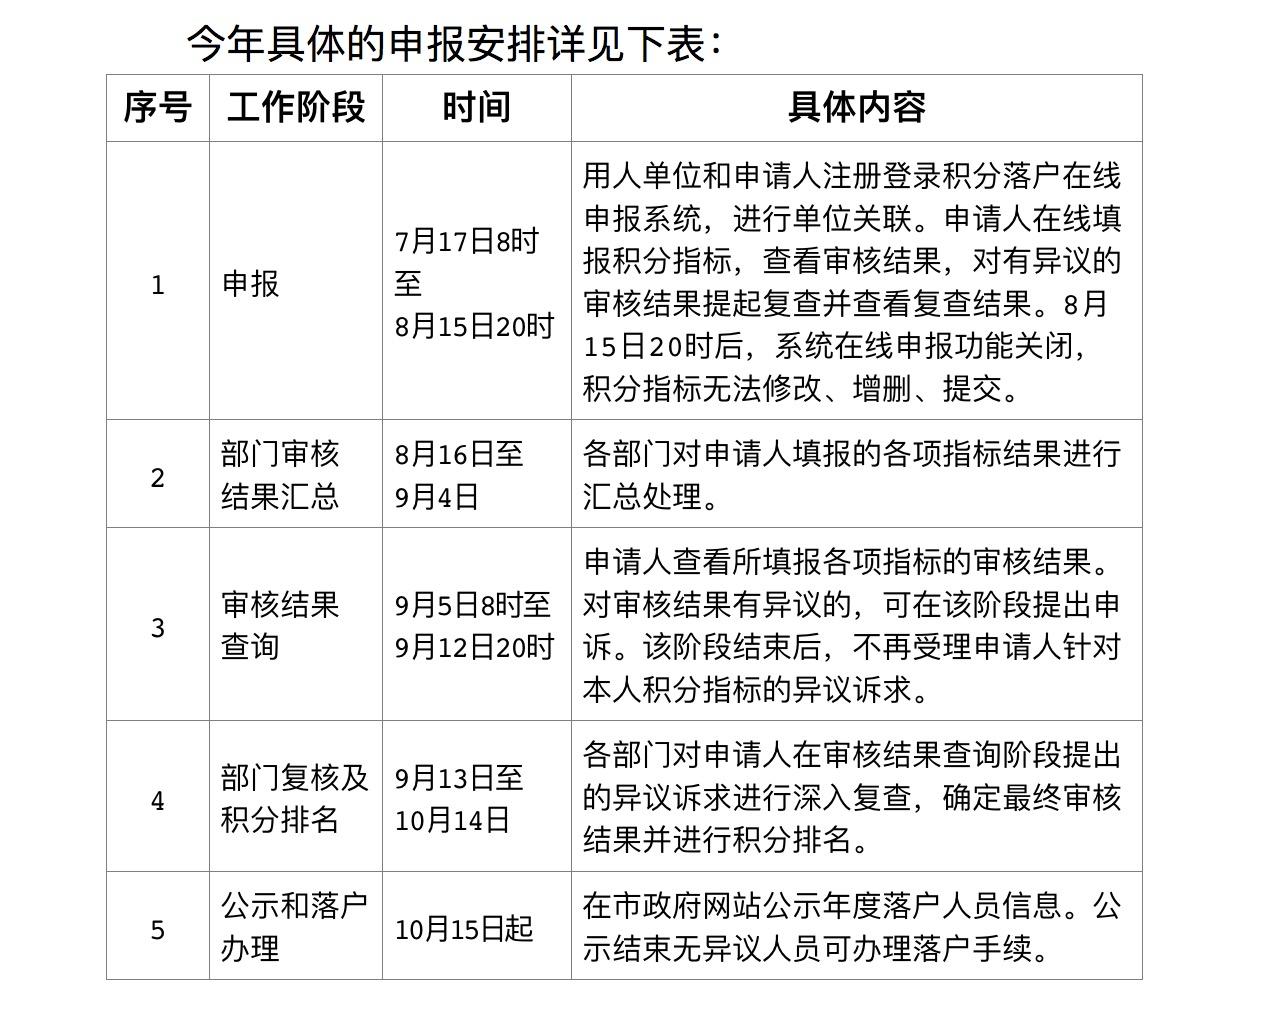 北京新版积分落户政策今起发布实施 优化6项指标操作